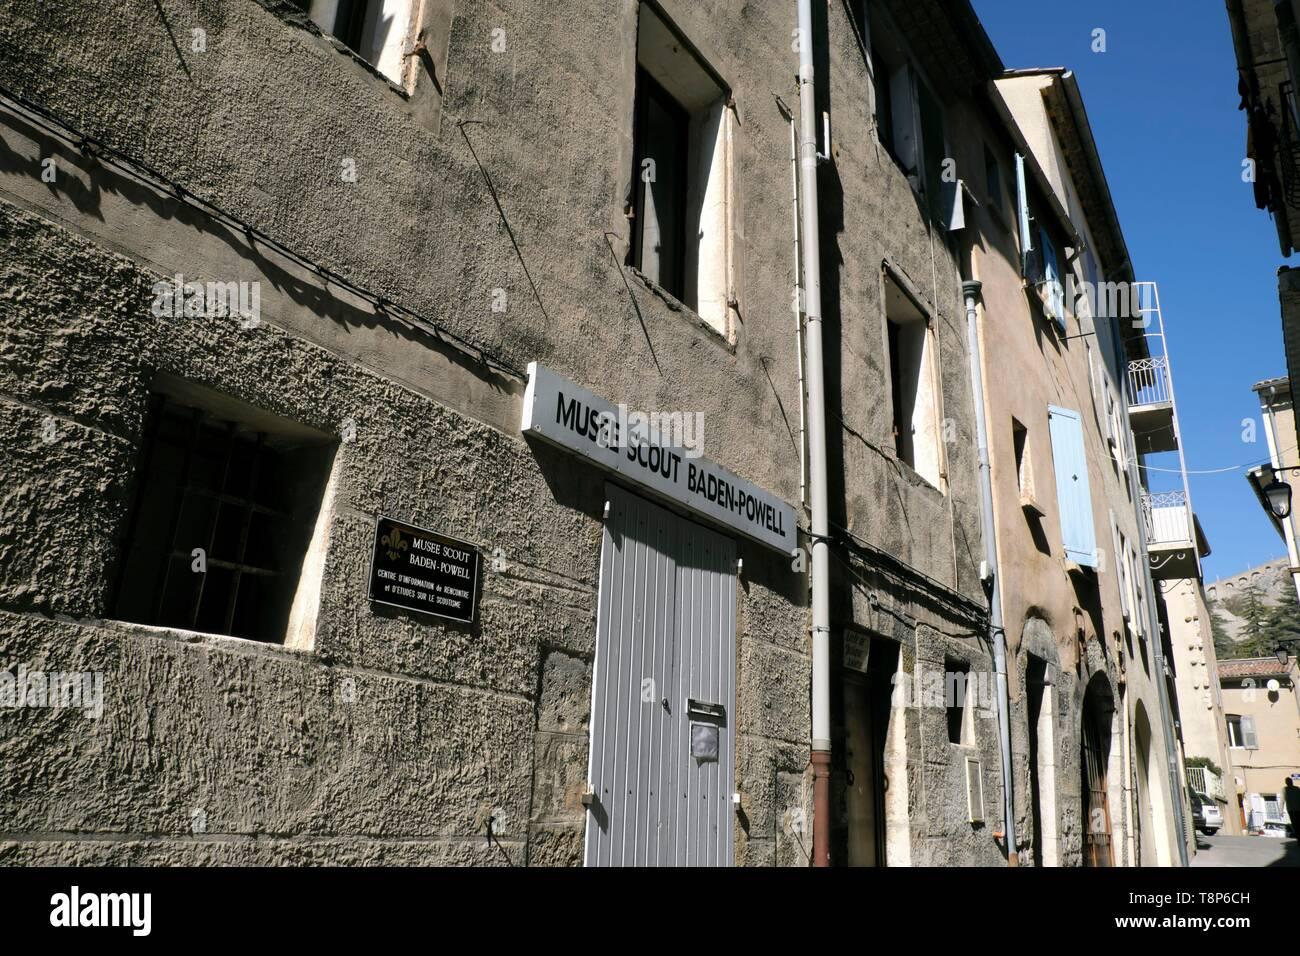 France, Alpes de Haute Provence, Sisteron, Rue de la Mission, Scout Baden Powel museum - Stock Image